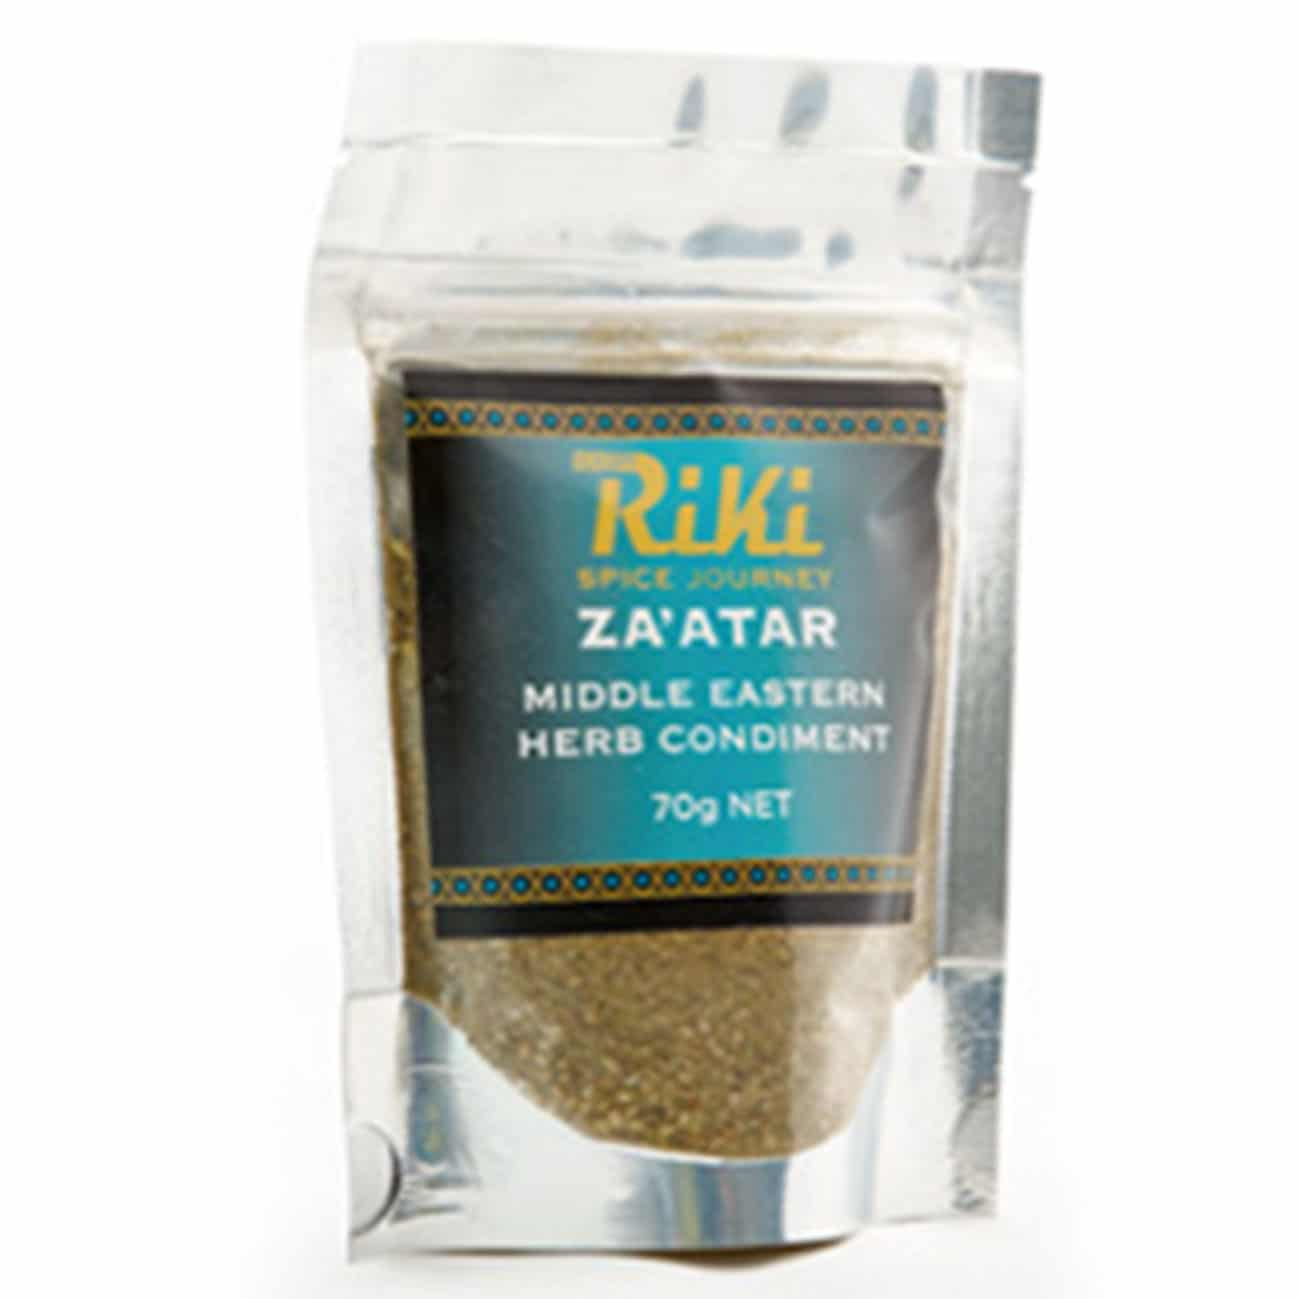 Za'atar Herbs Condiment